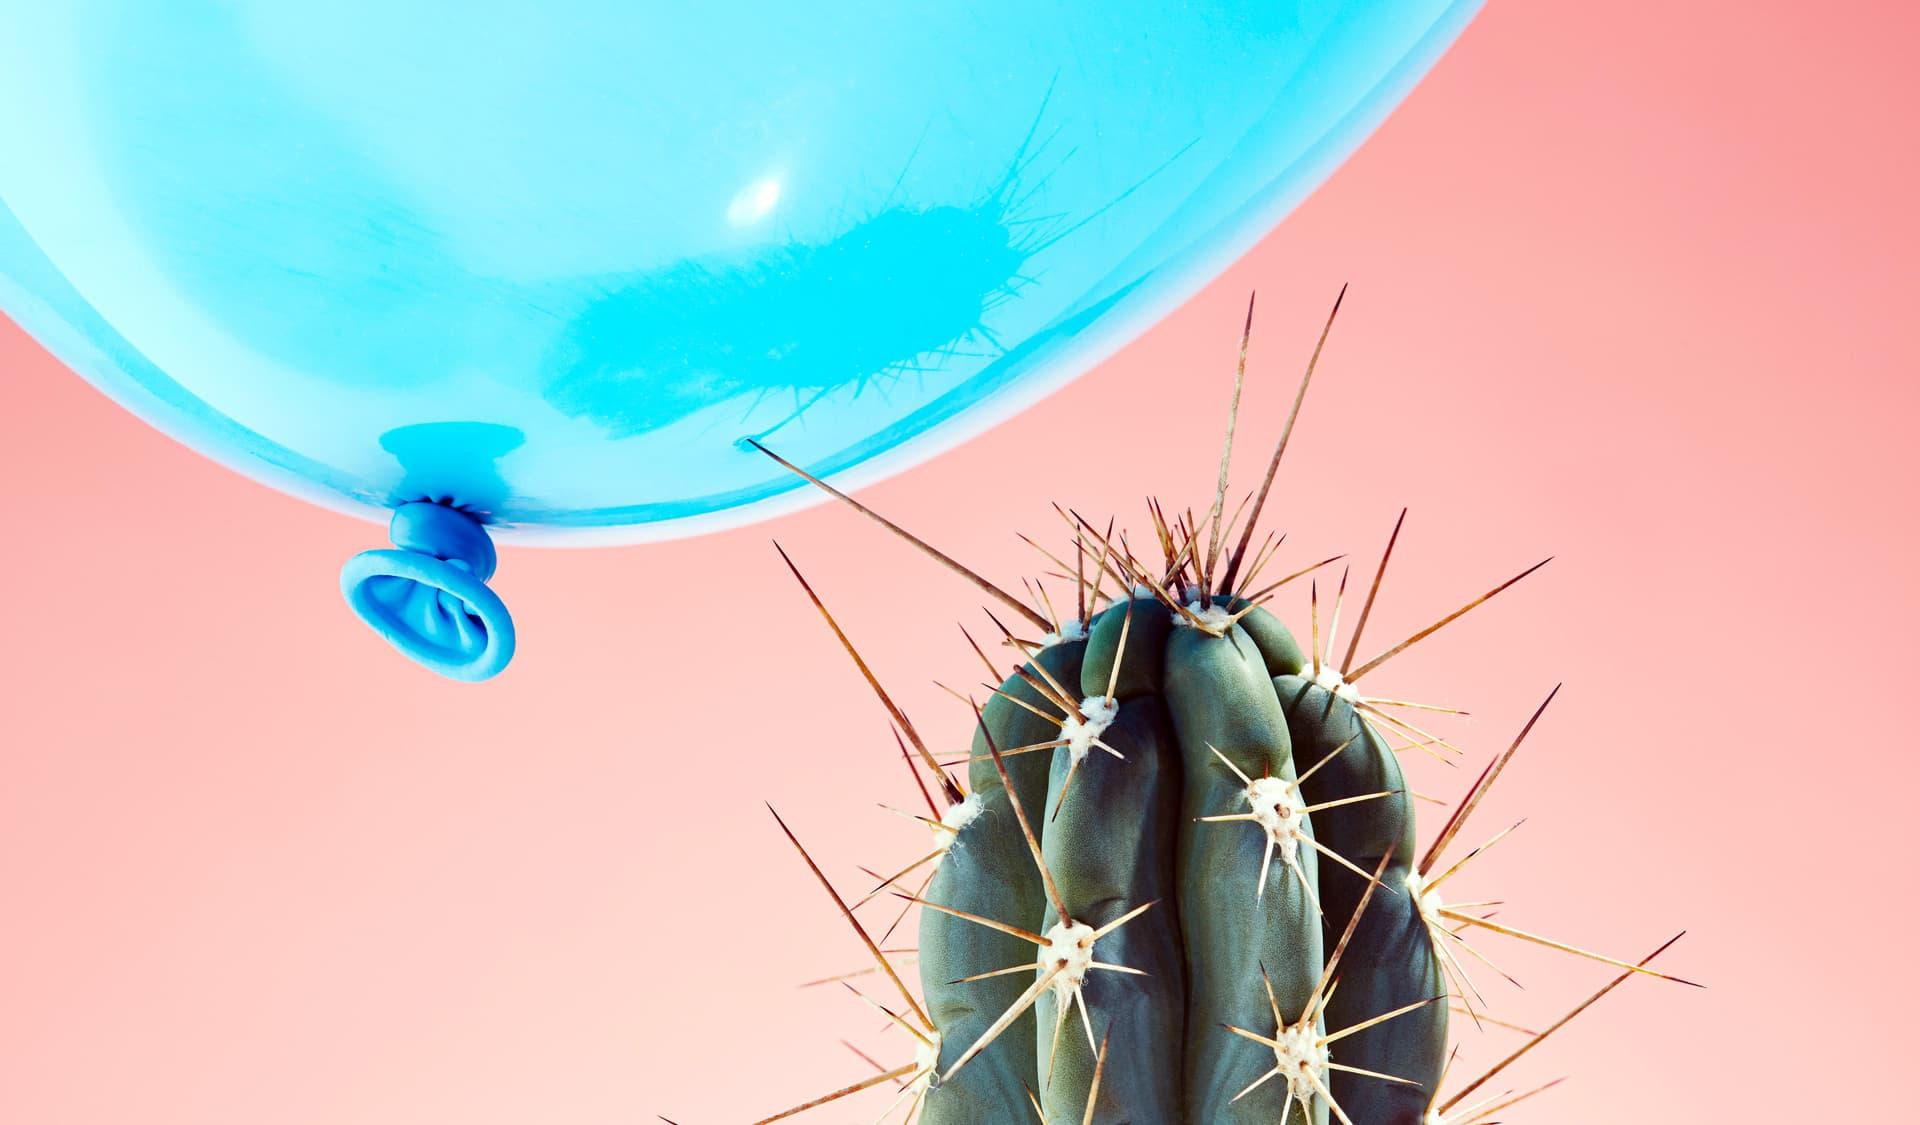 Kaktus berührt einen Luftballon